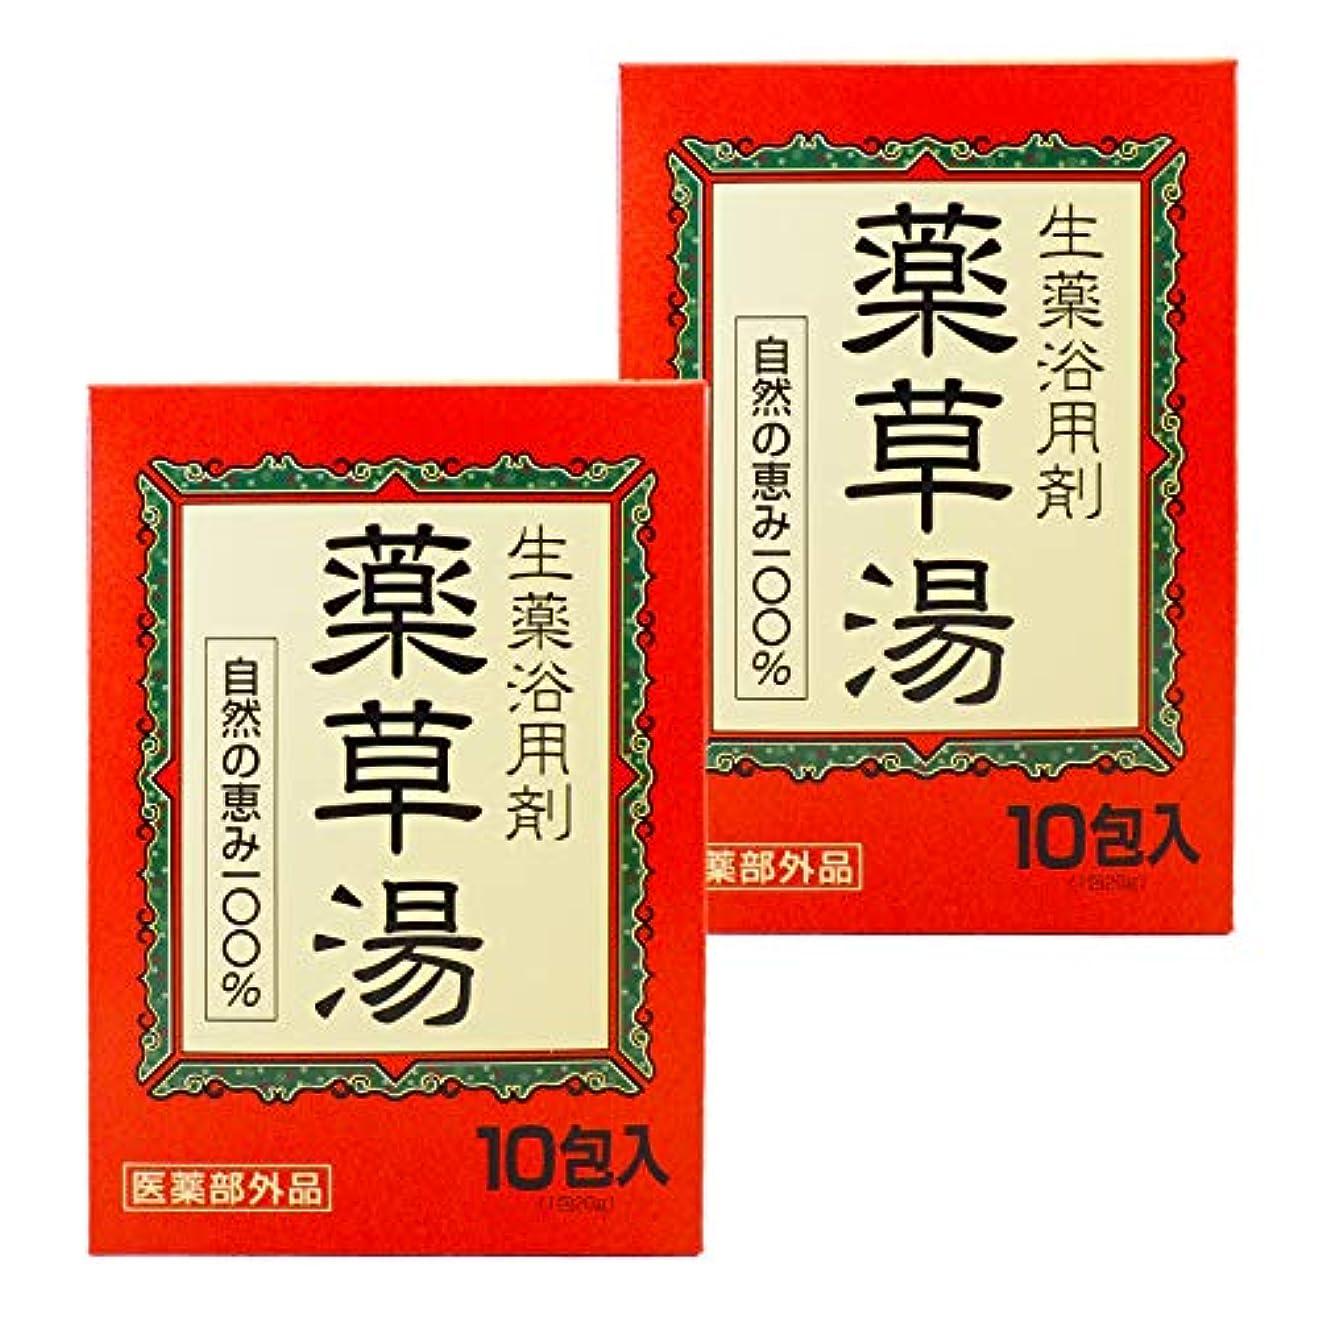 明確な展開するセットする【まとめ買い】 薬草湯 生薬浴用剤 10包入×2個 自然のめぐみ100% 医薬部外品